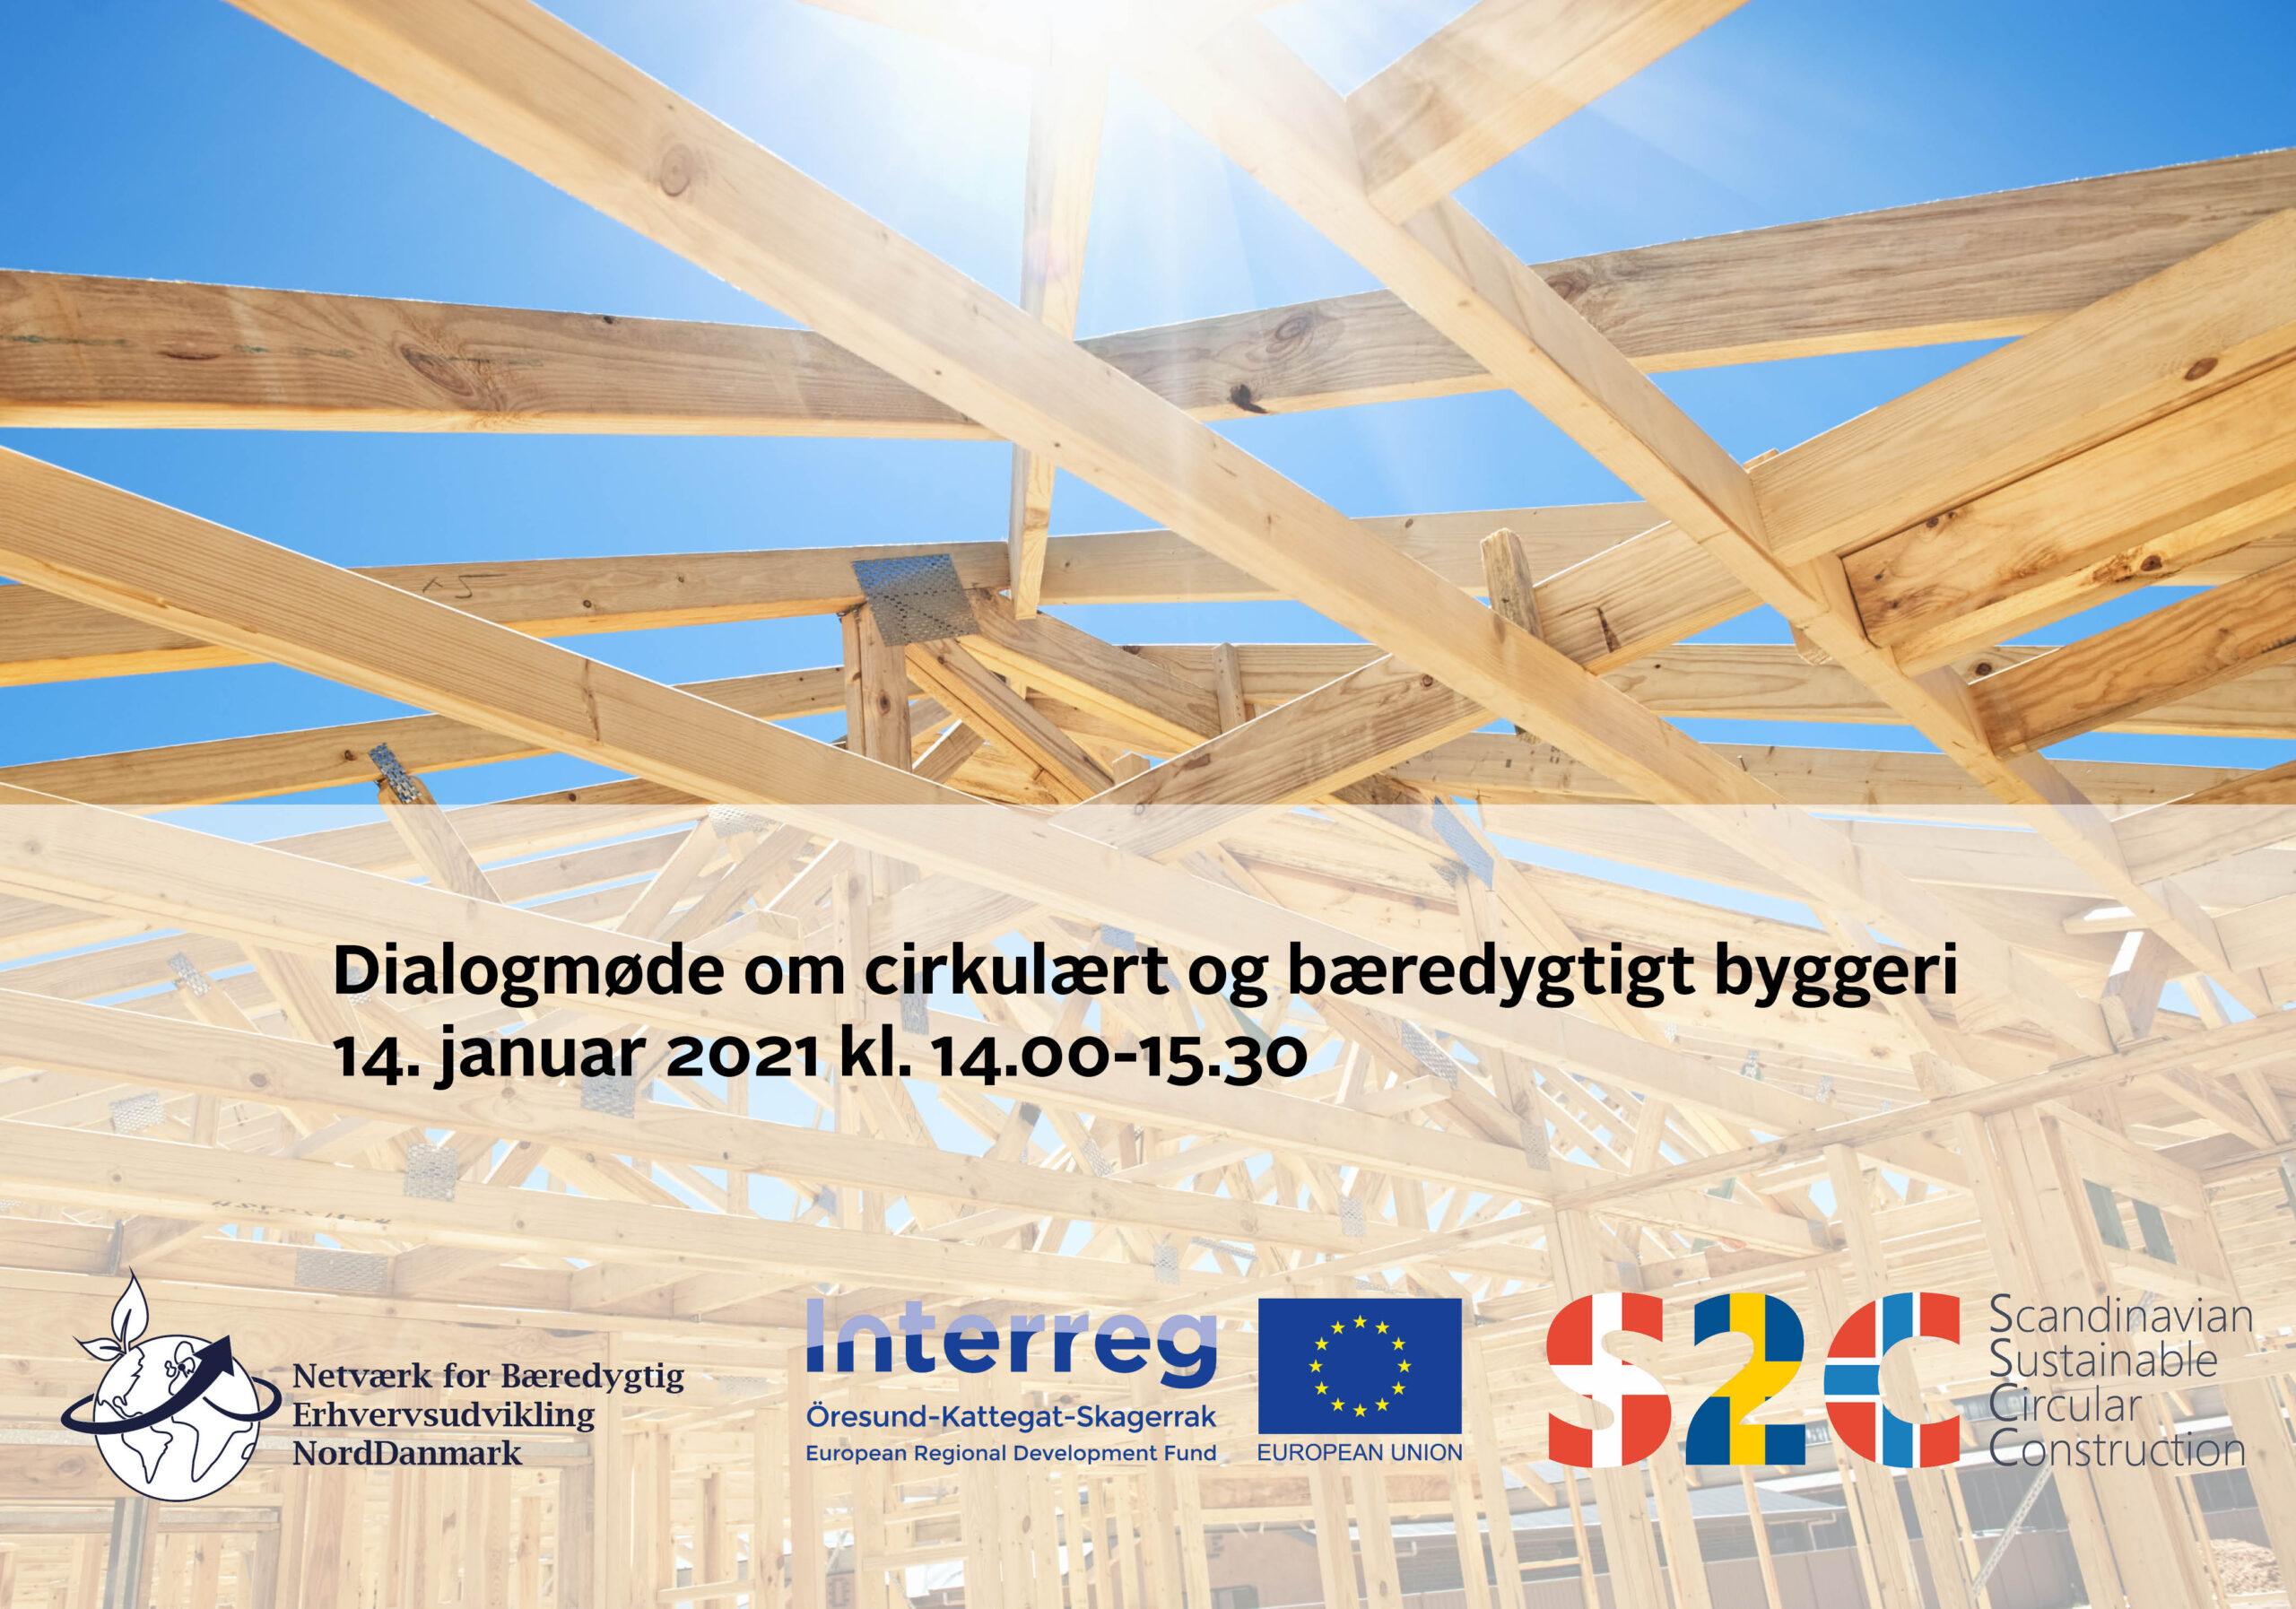 Vil du være med til at sætte dagsordenen for cirkulært og bæredygtigt byggeri i Nordjylland?